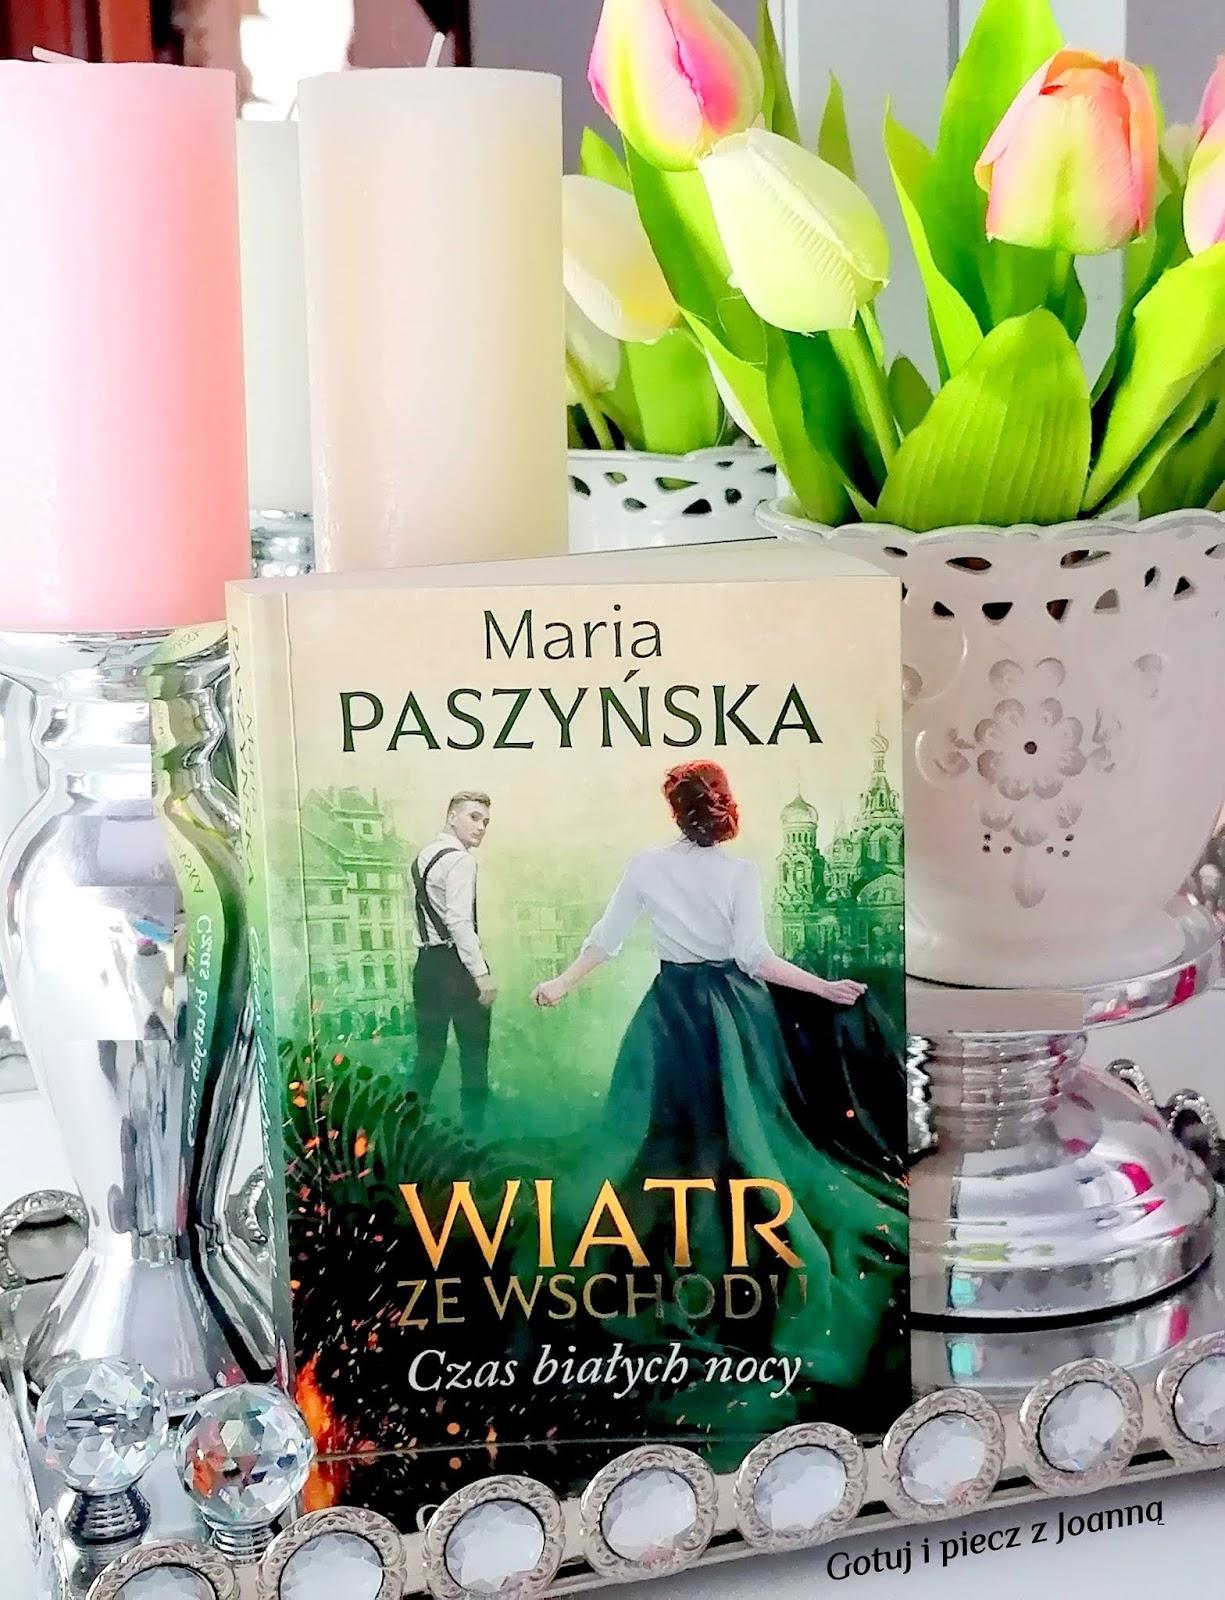 Wiatr ze wschodu, Czas białych nocy - Maria Paszyńska